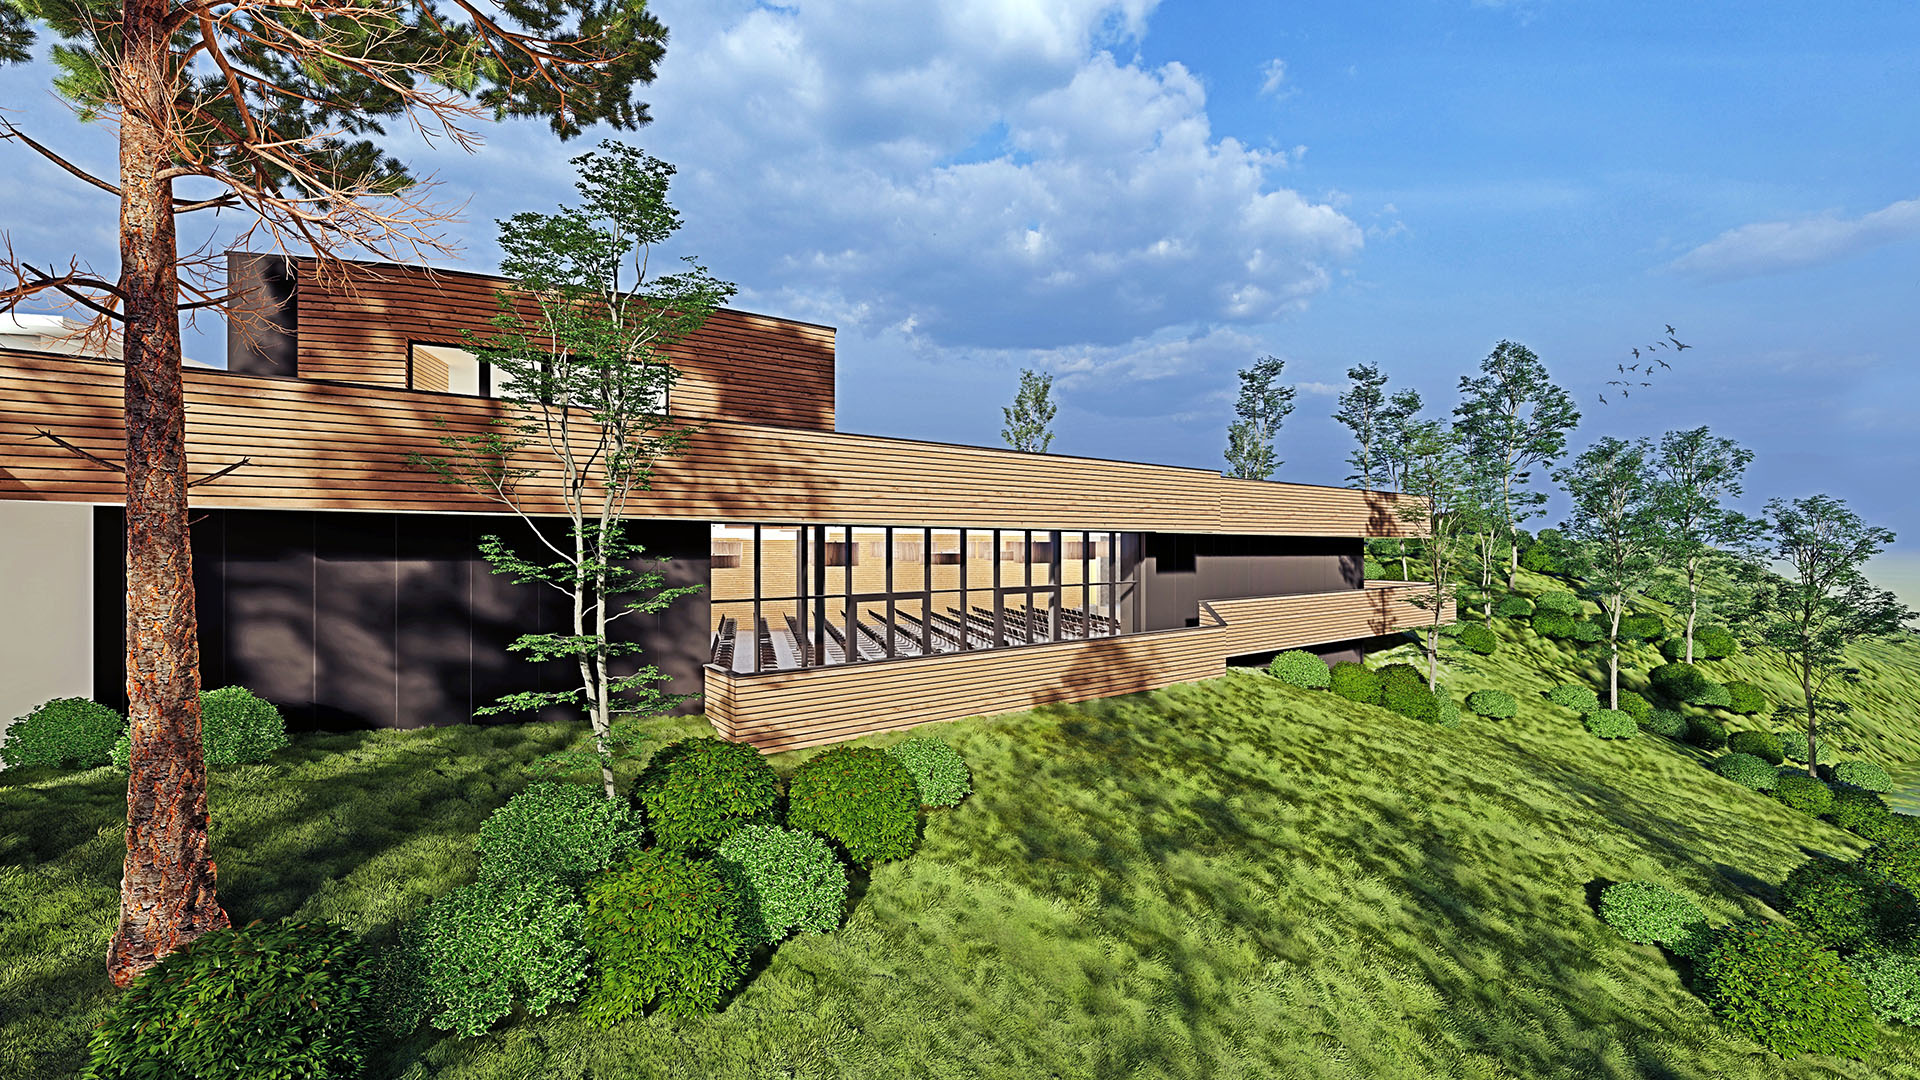 Hirschegg-Pack, Mehrzweckhalle, Veranstaltungshalle, 01, Ansicht von außen (Gegenhang) auf den Saal und Parkdeck mit Landschaft